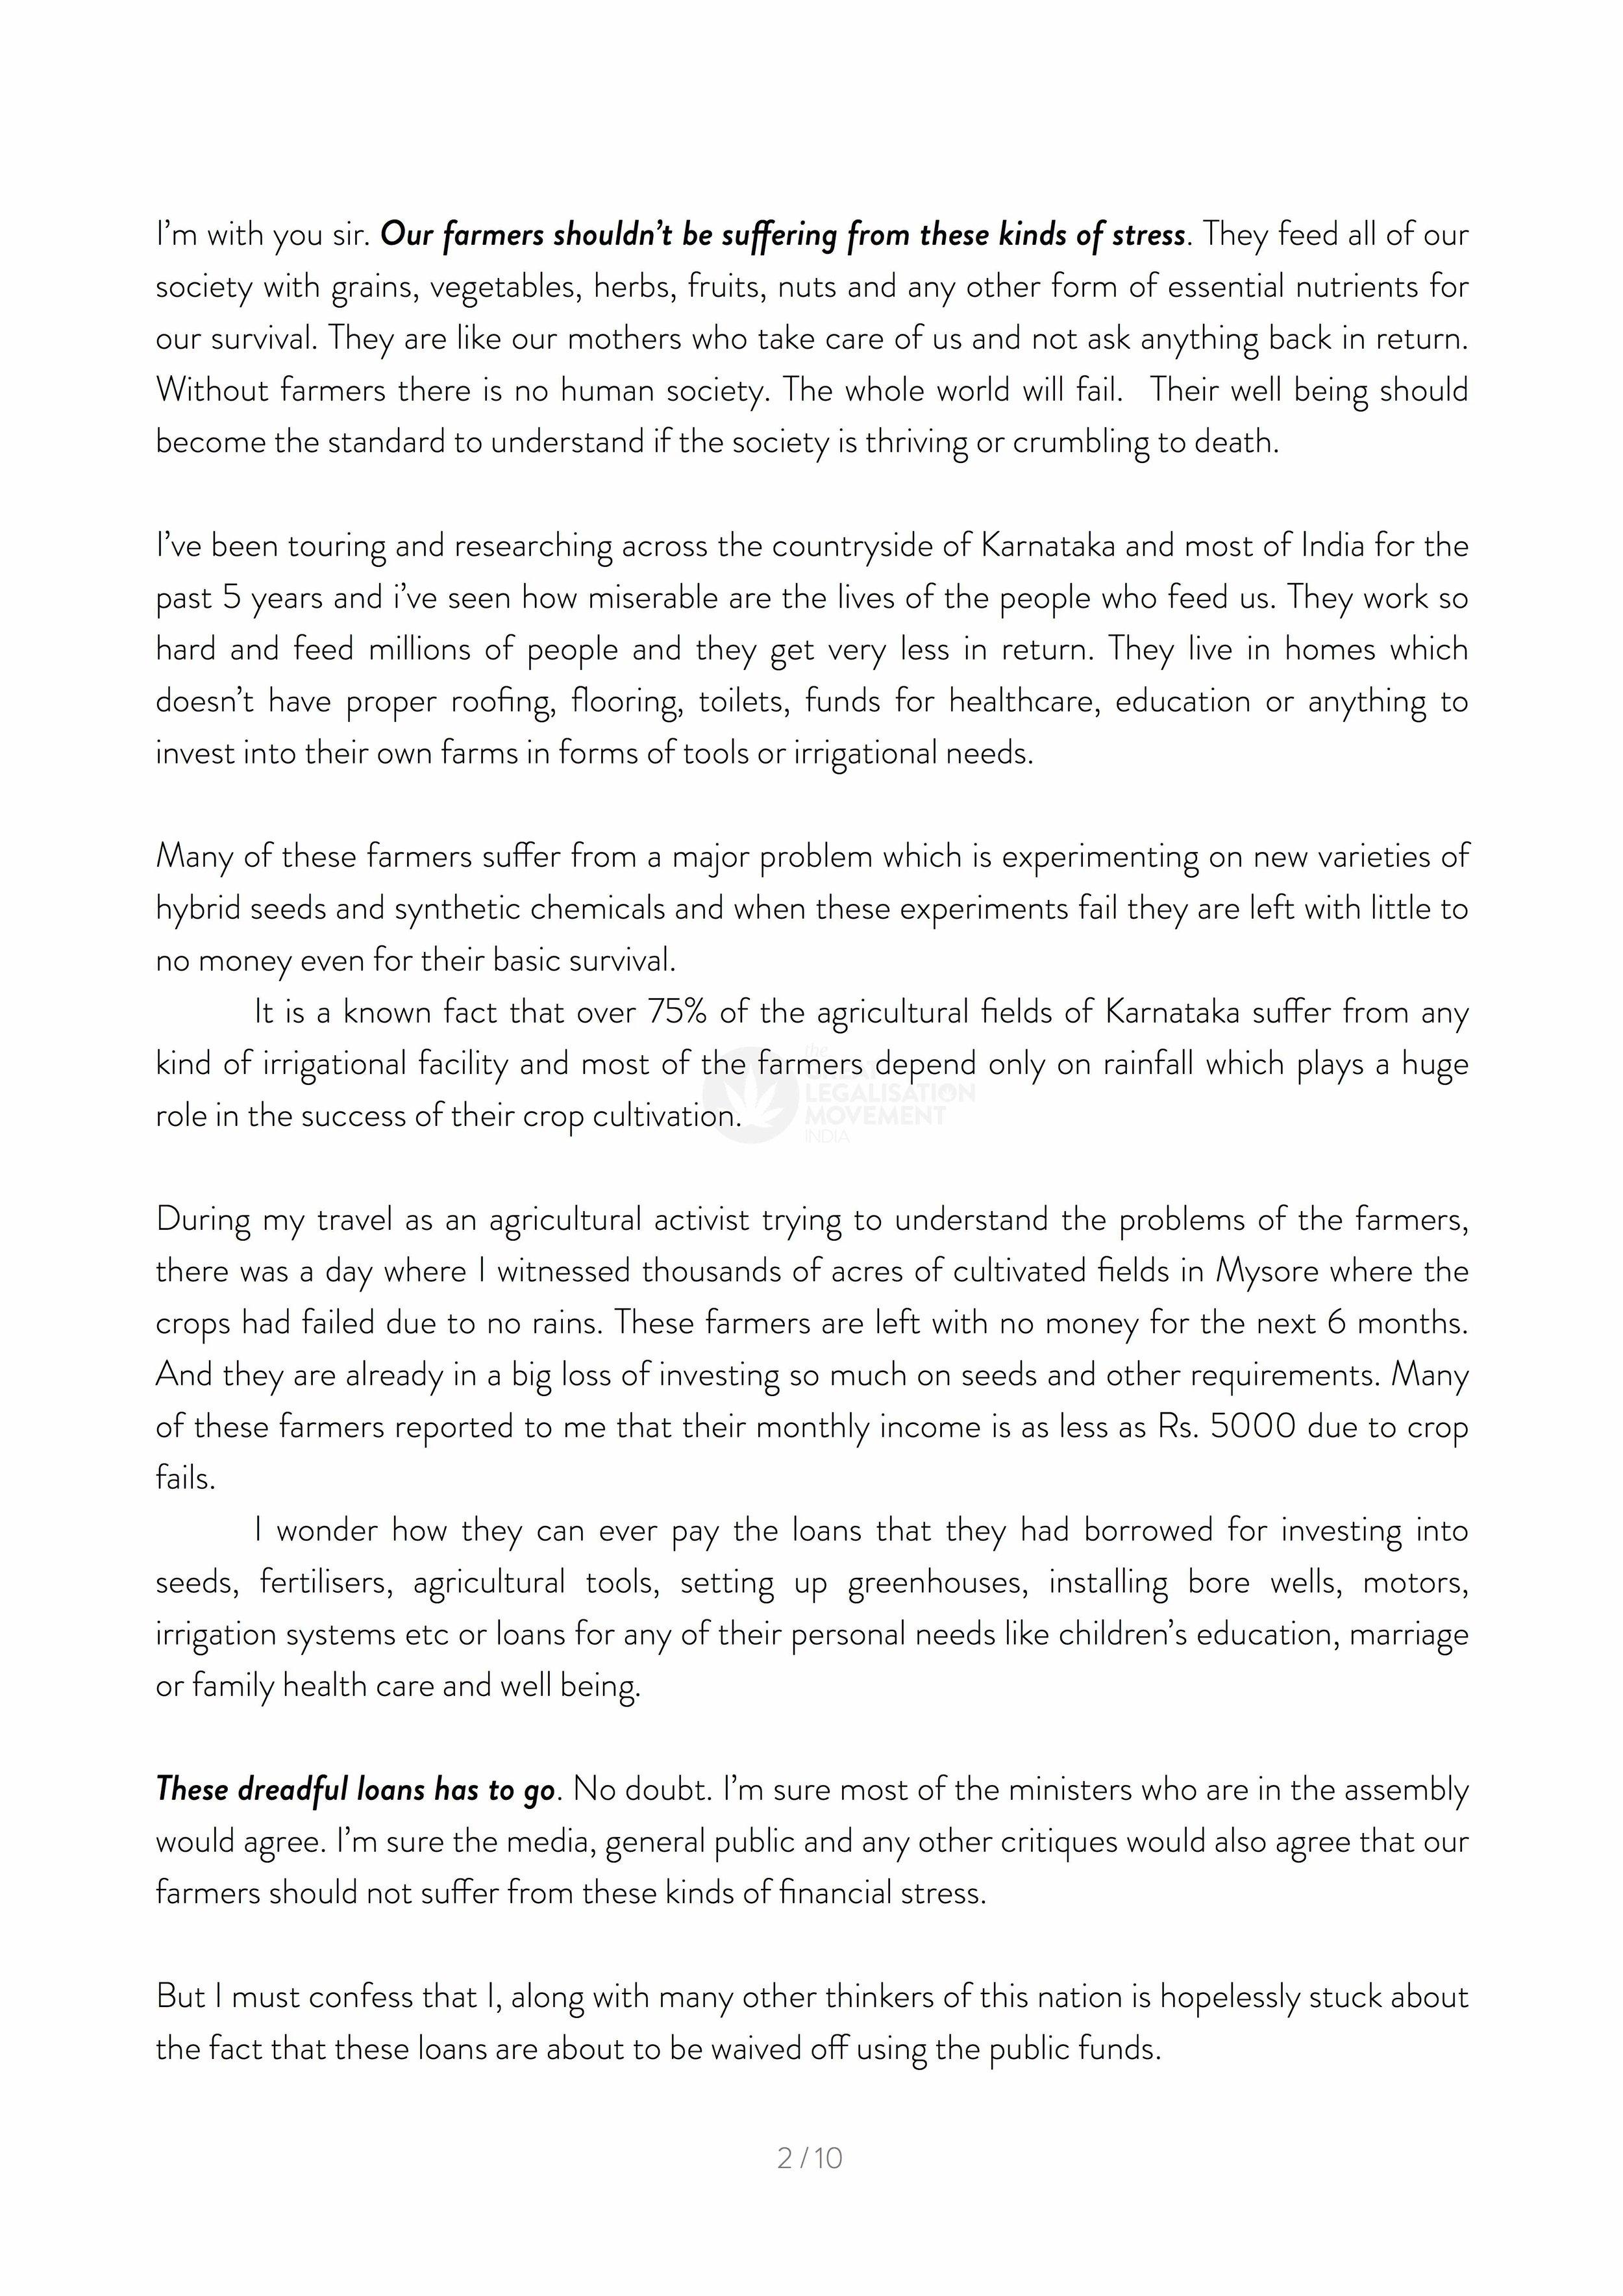 Letter to Kumaraswamy 7_2.jpg